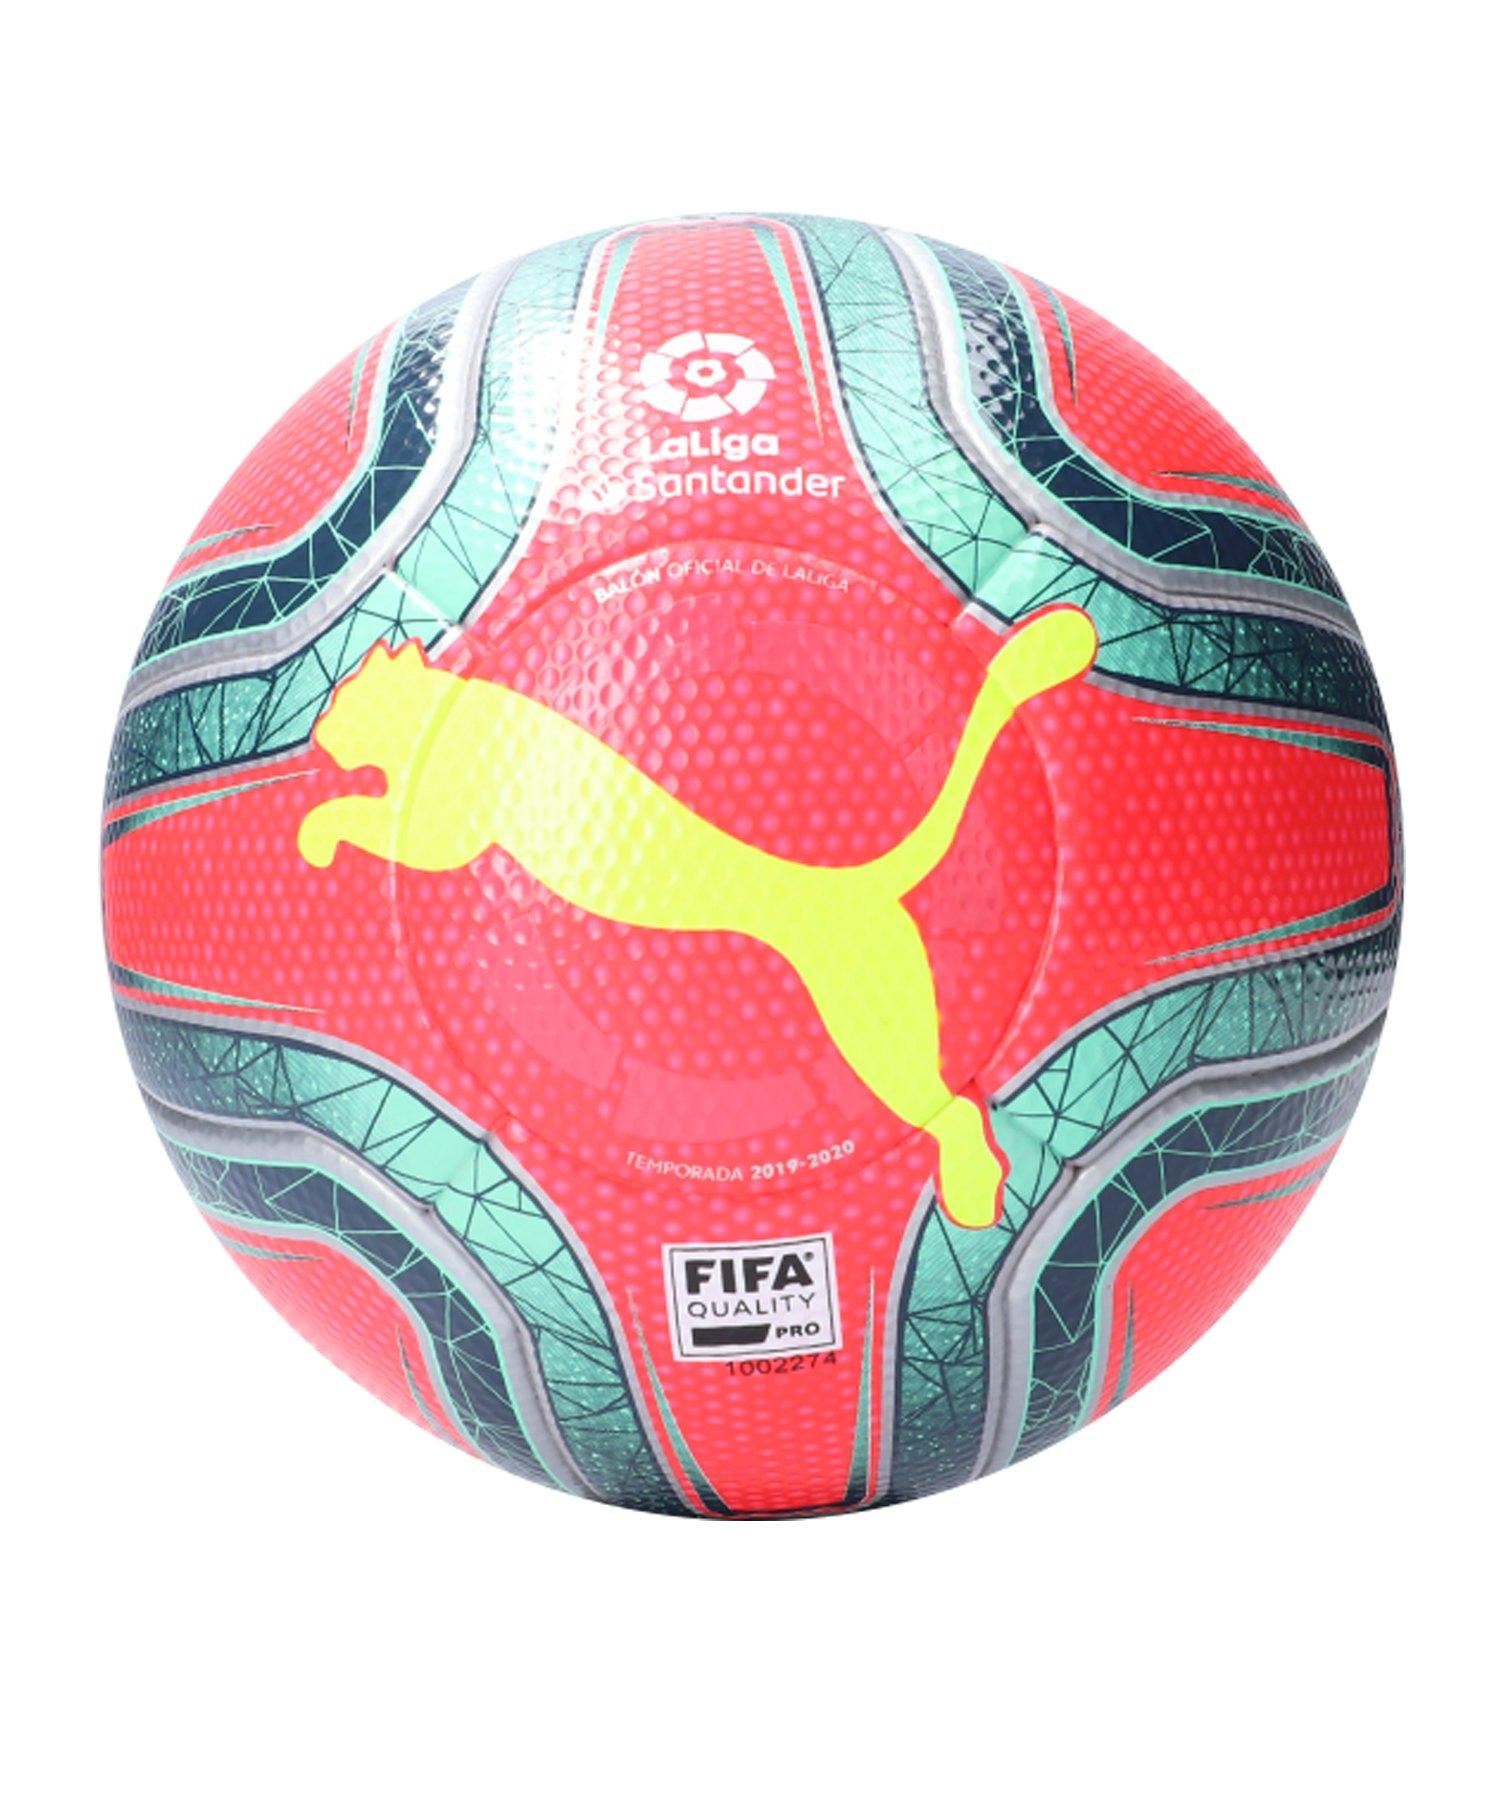 PUMA LaLiga FIFA Quality Pro Spielball Pink F02 - pink